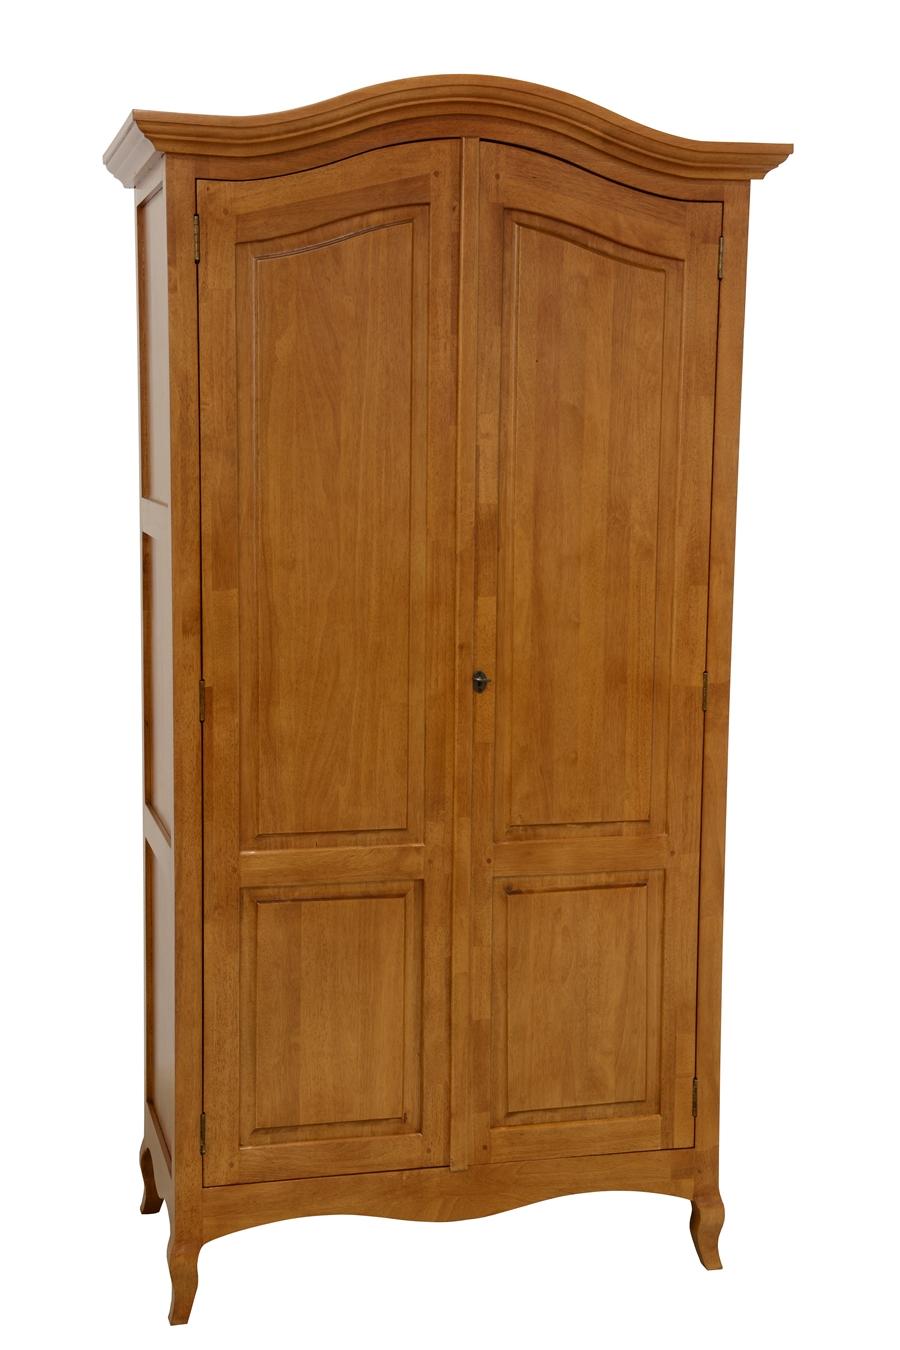 armoire bois r gence 5799. Black Bedroom Furniture Sets. Home Design Ideas